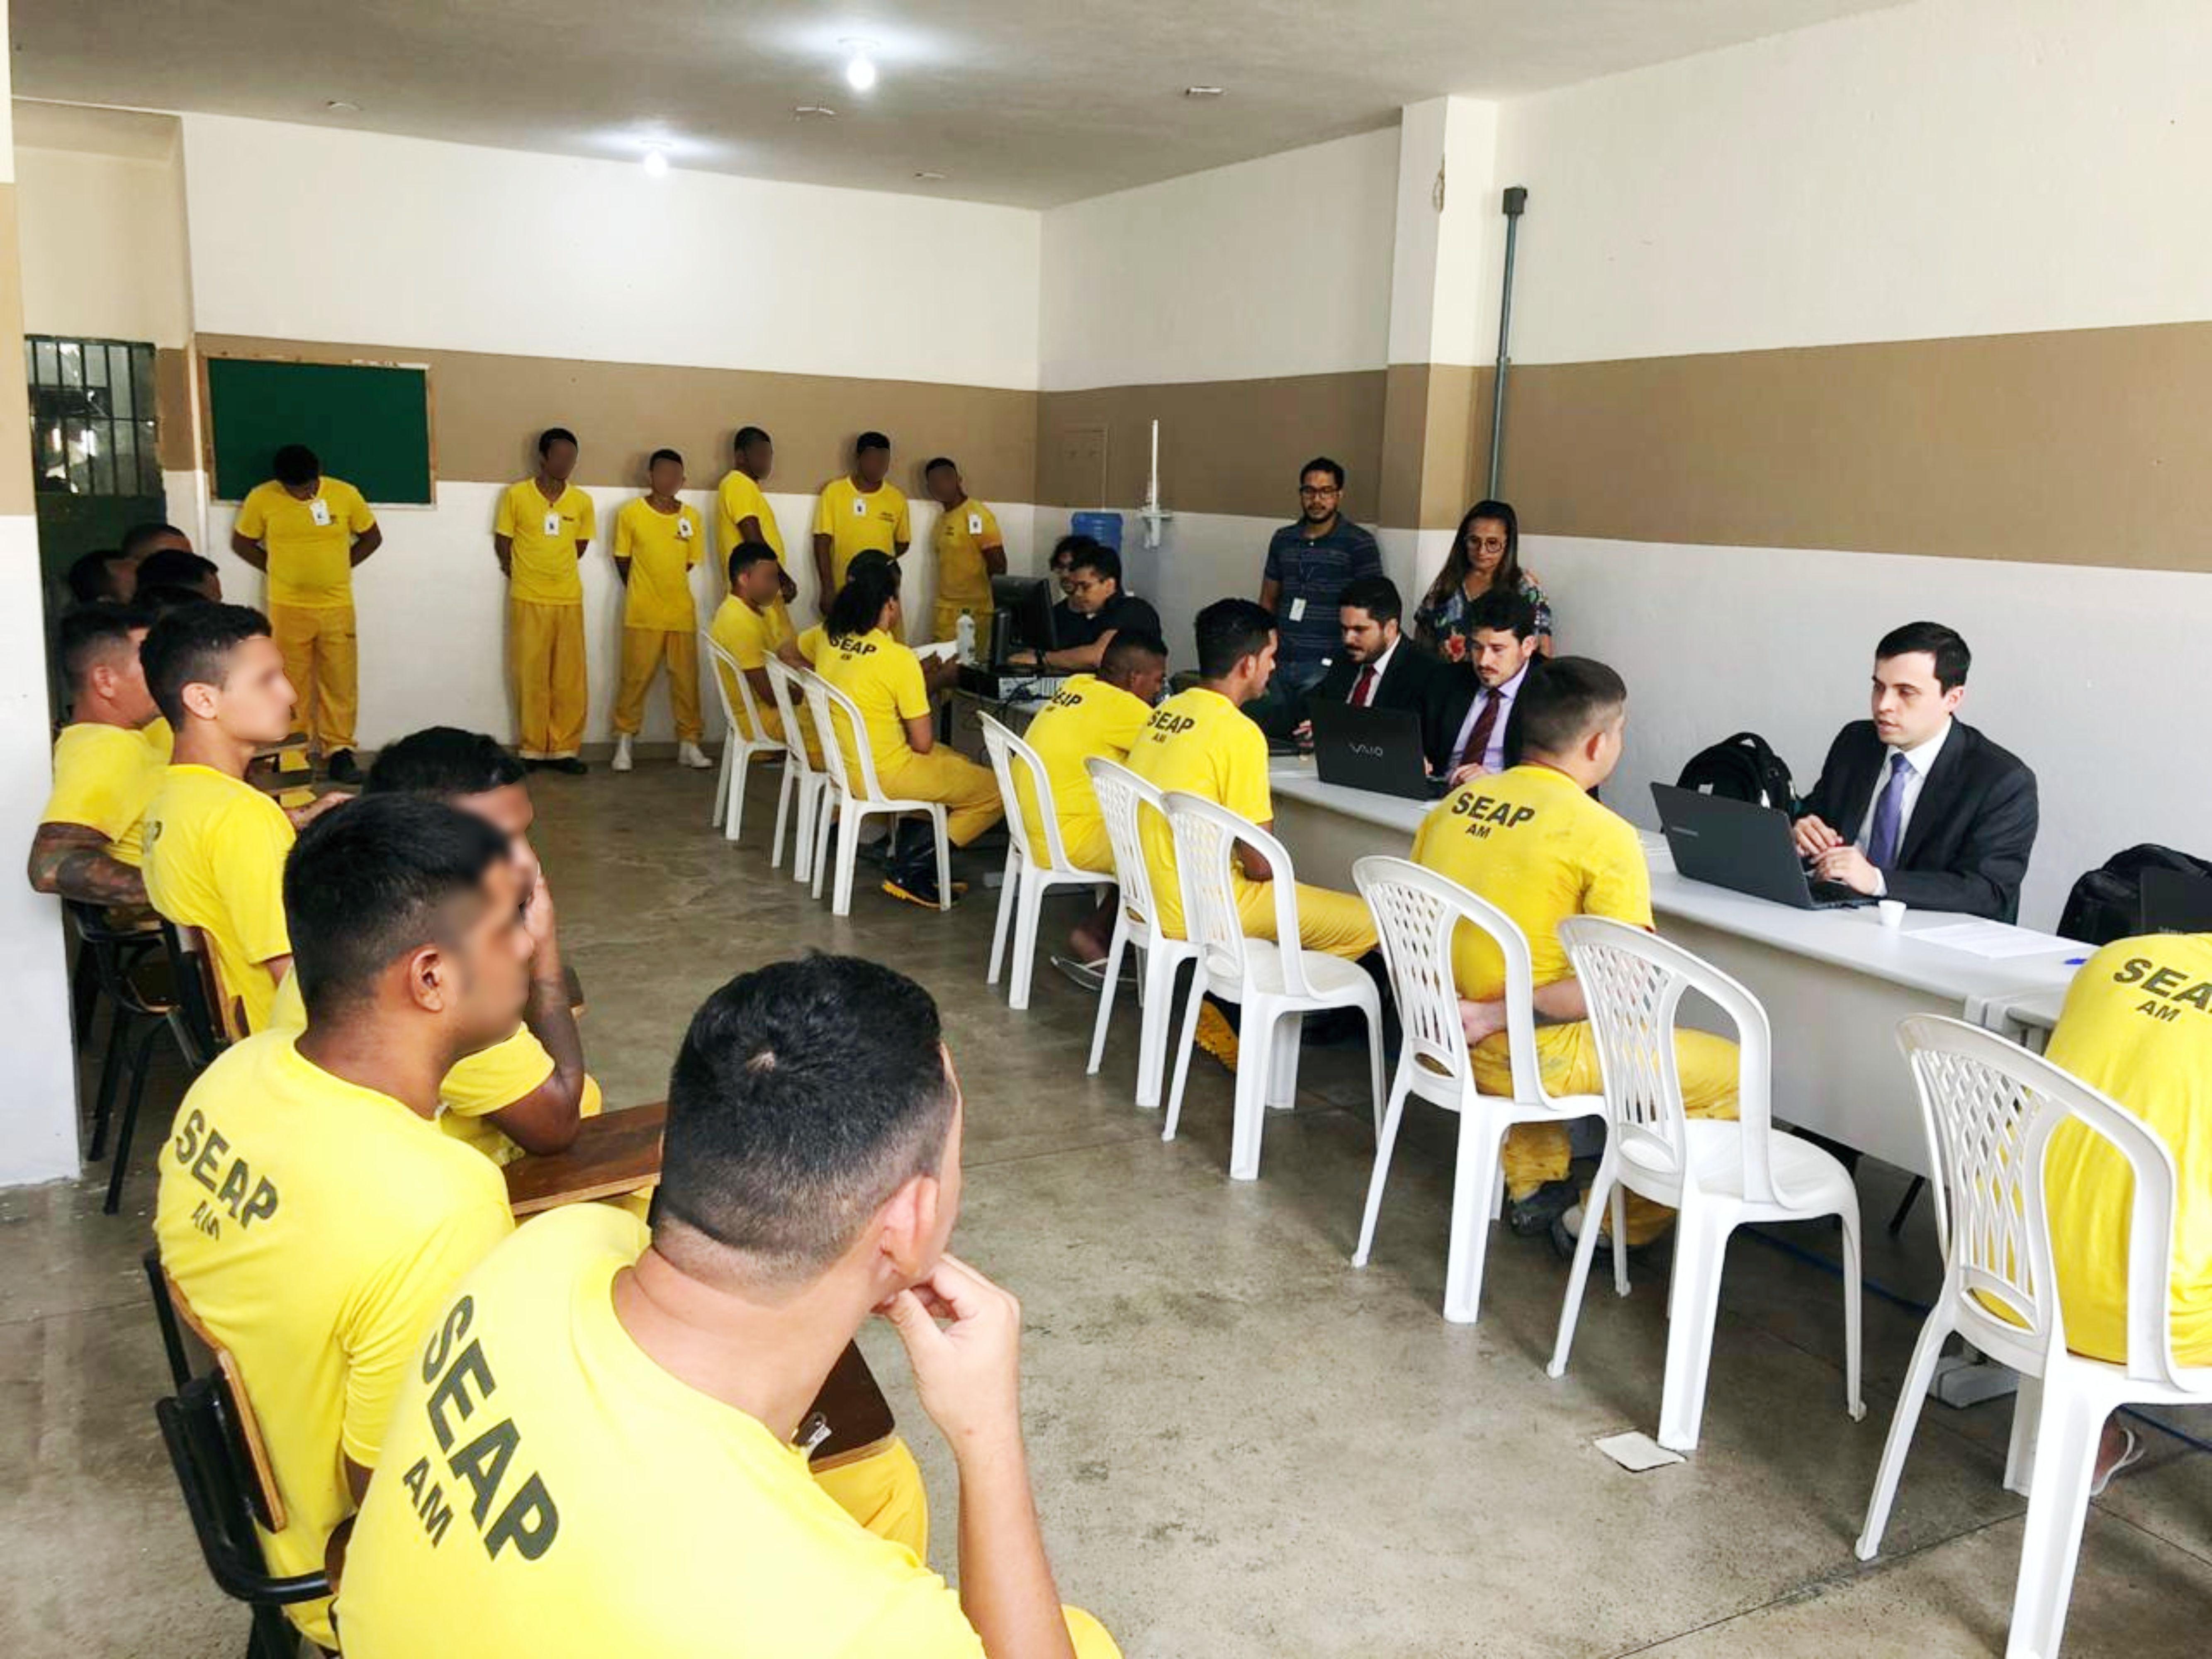 Compaj recebe mutirão jurídico da Vara de Execuções Penais, no AM - Notícias - Plantão Diário